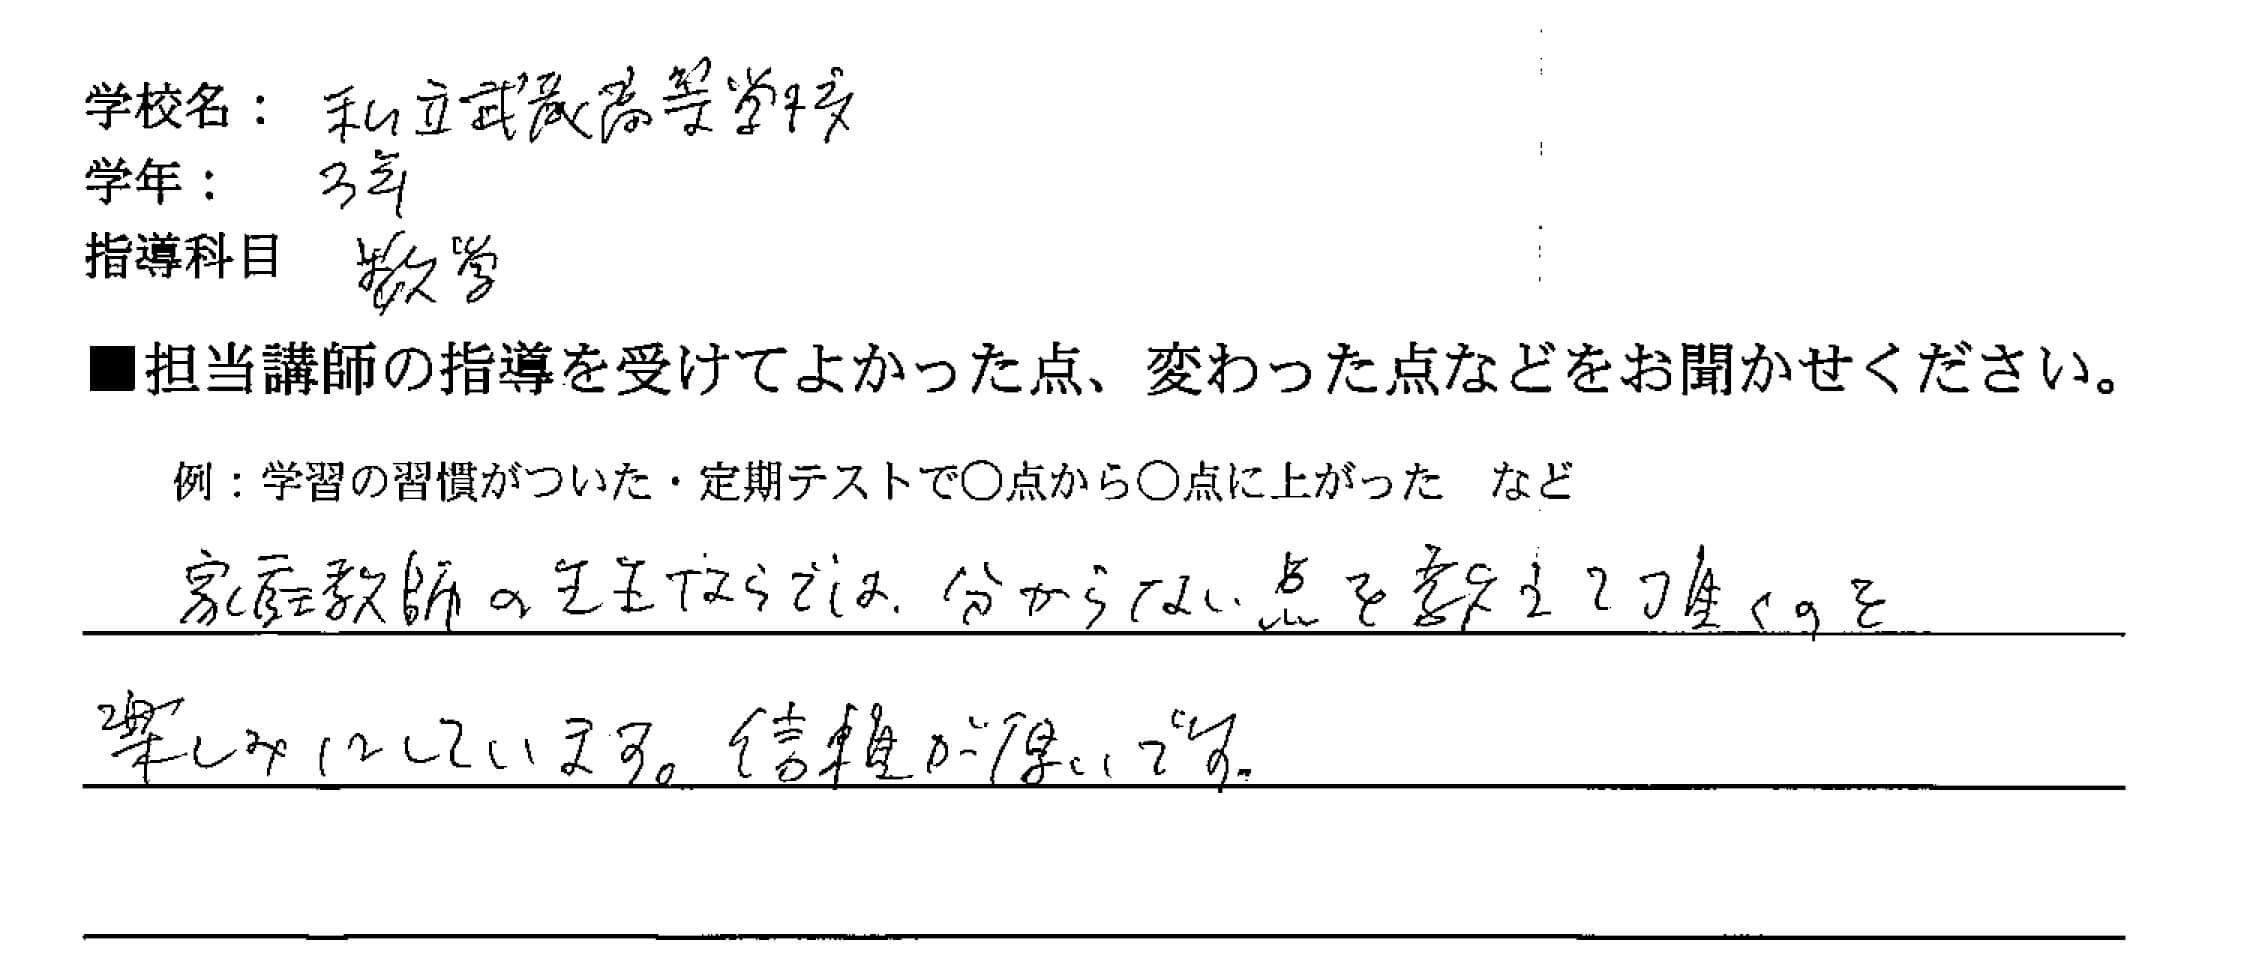 武蔵高等学校 3年 M・Sさん